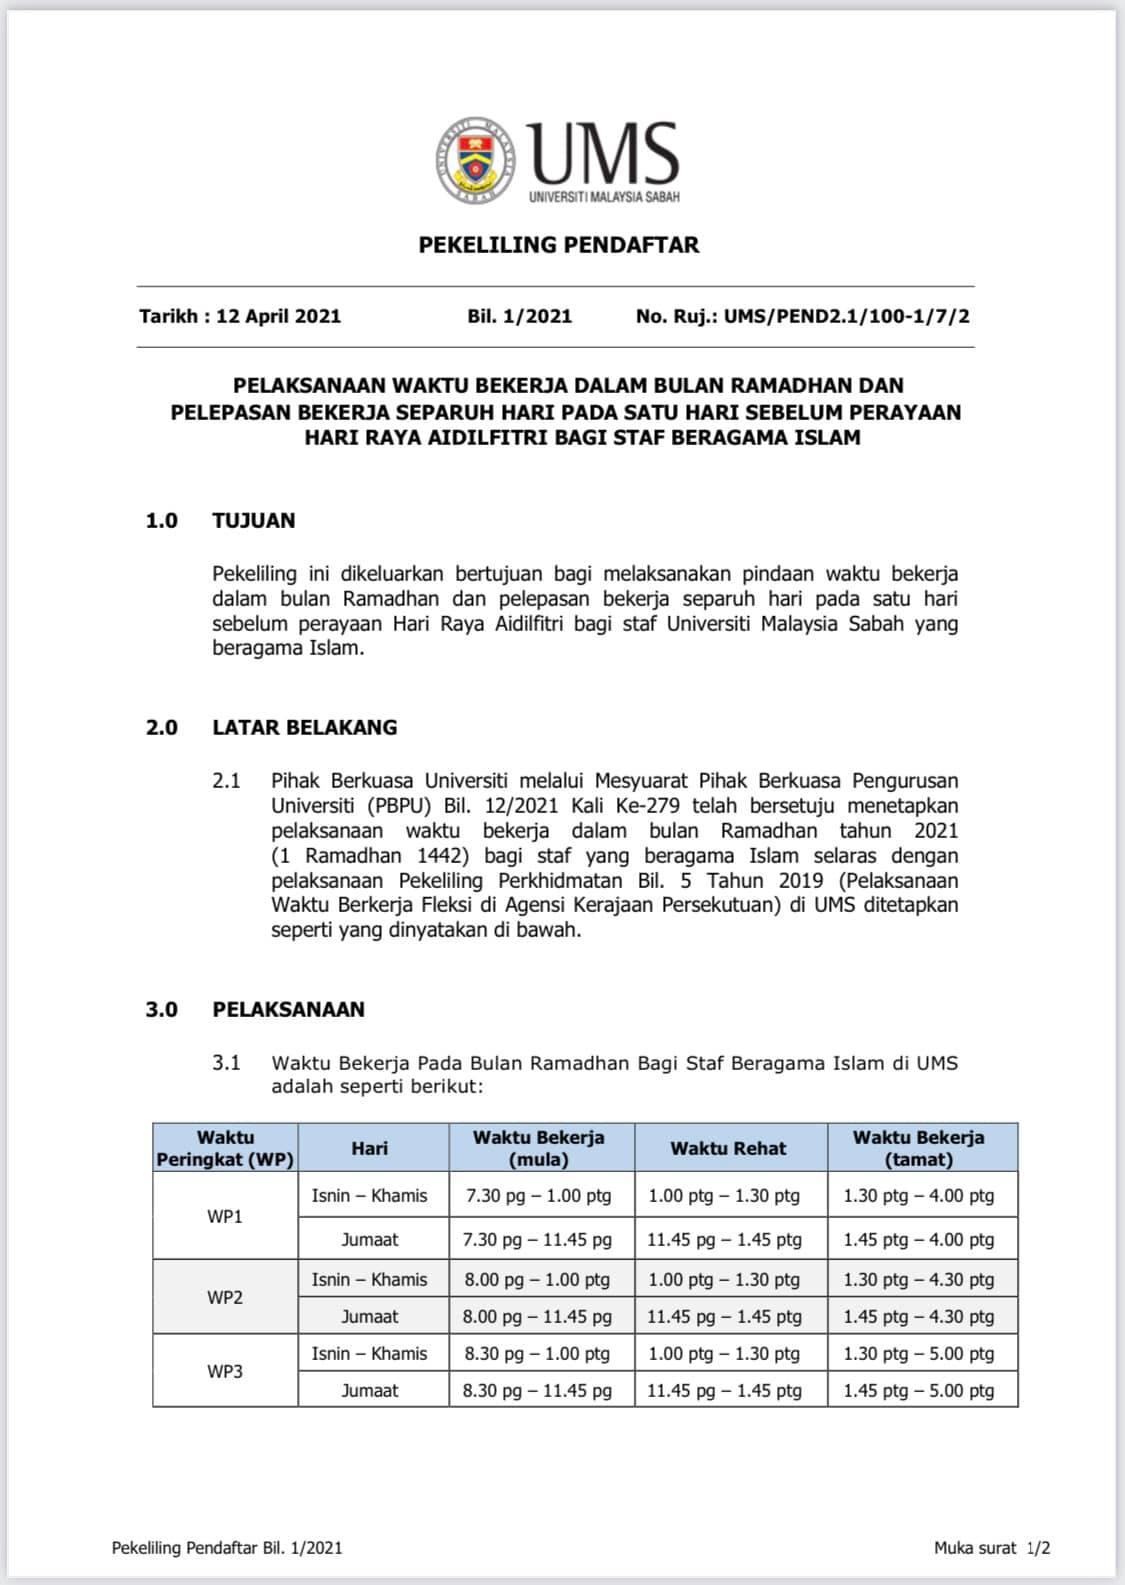 Pemakluman Pelaksanaan Waktu Bekerja Dalam Bulan Ramadhan dan Pelepasan Separuh Hari Pada Satu Hari Bekerja Sebelum Perayaan Hari Raya Aidilfitri